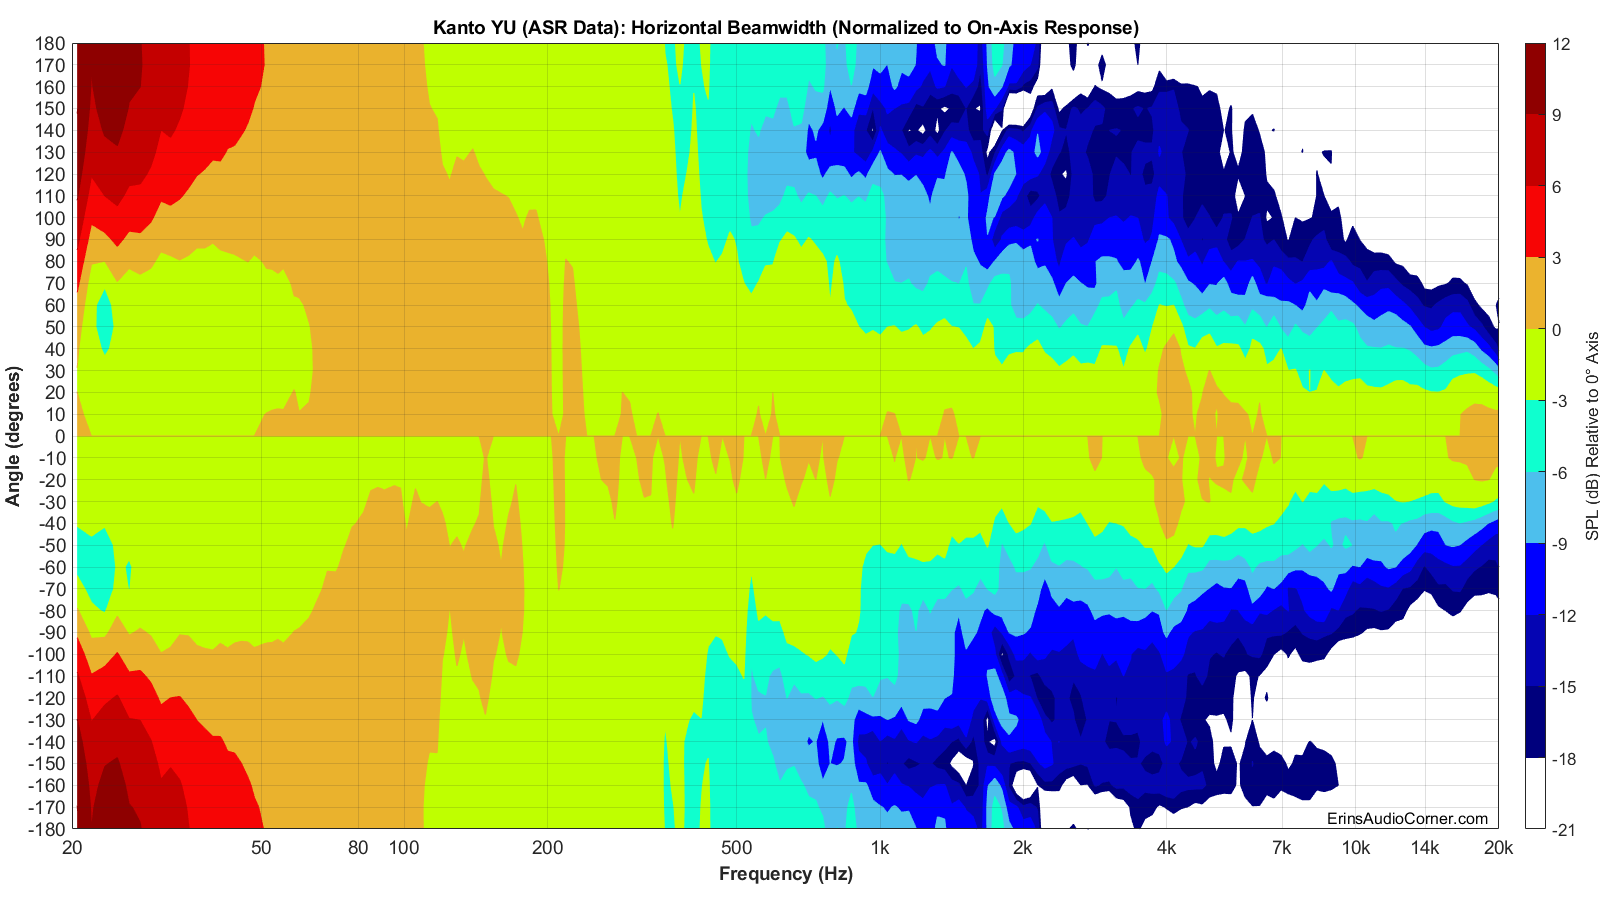 Kanto YU (ASR Data) Beamwidth_Horizontal.png